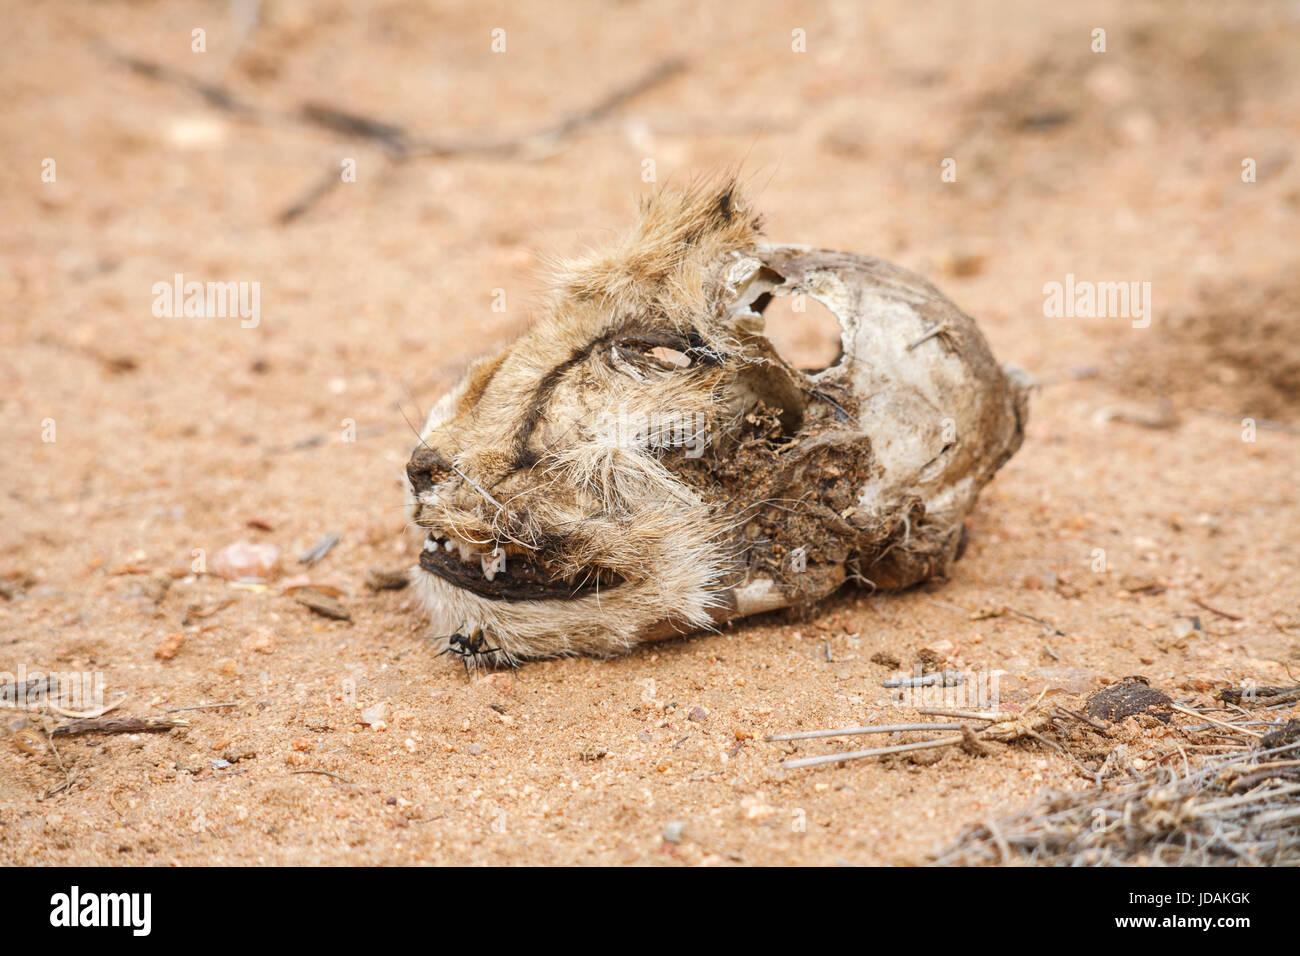 Chef d'un pourri coupé Guépard (Acinonyx jubatus) allongé sur le sol, GocheGanas réserve naturelle privée près de Windhoek, Namibie, sud-ouest de l'Afrique Banque D'Images